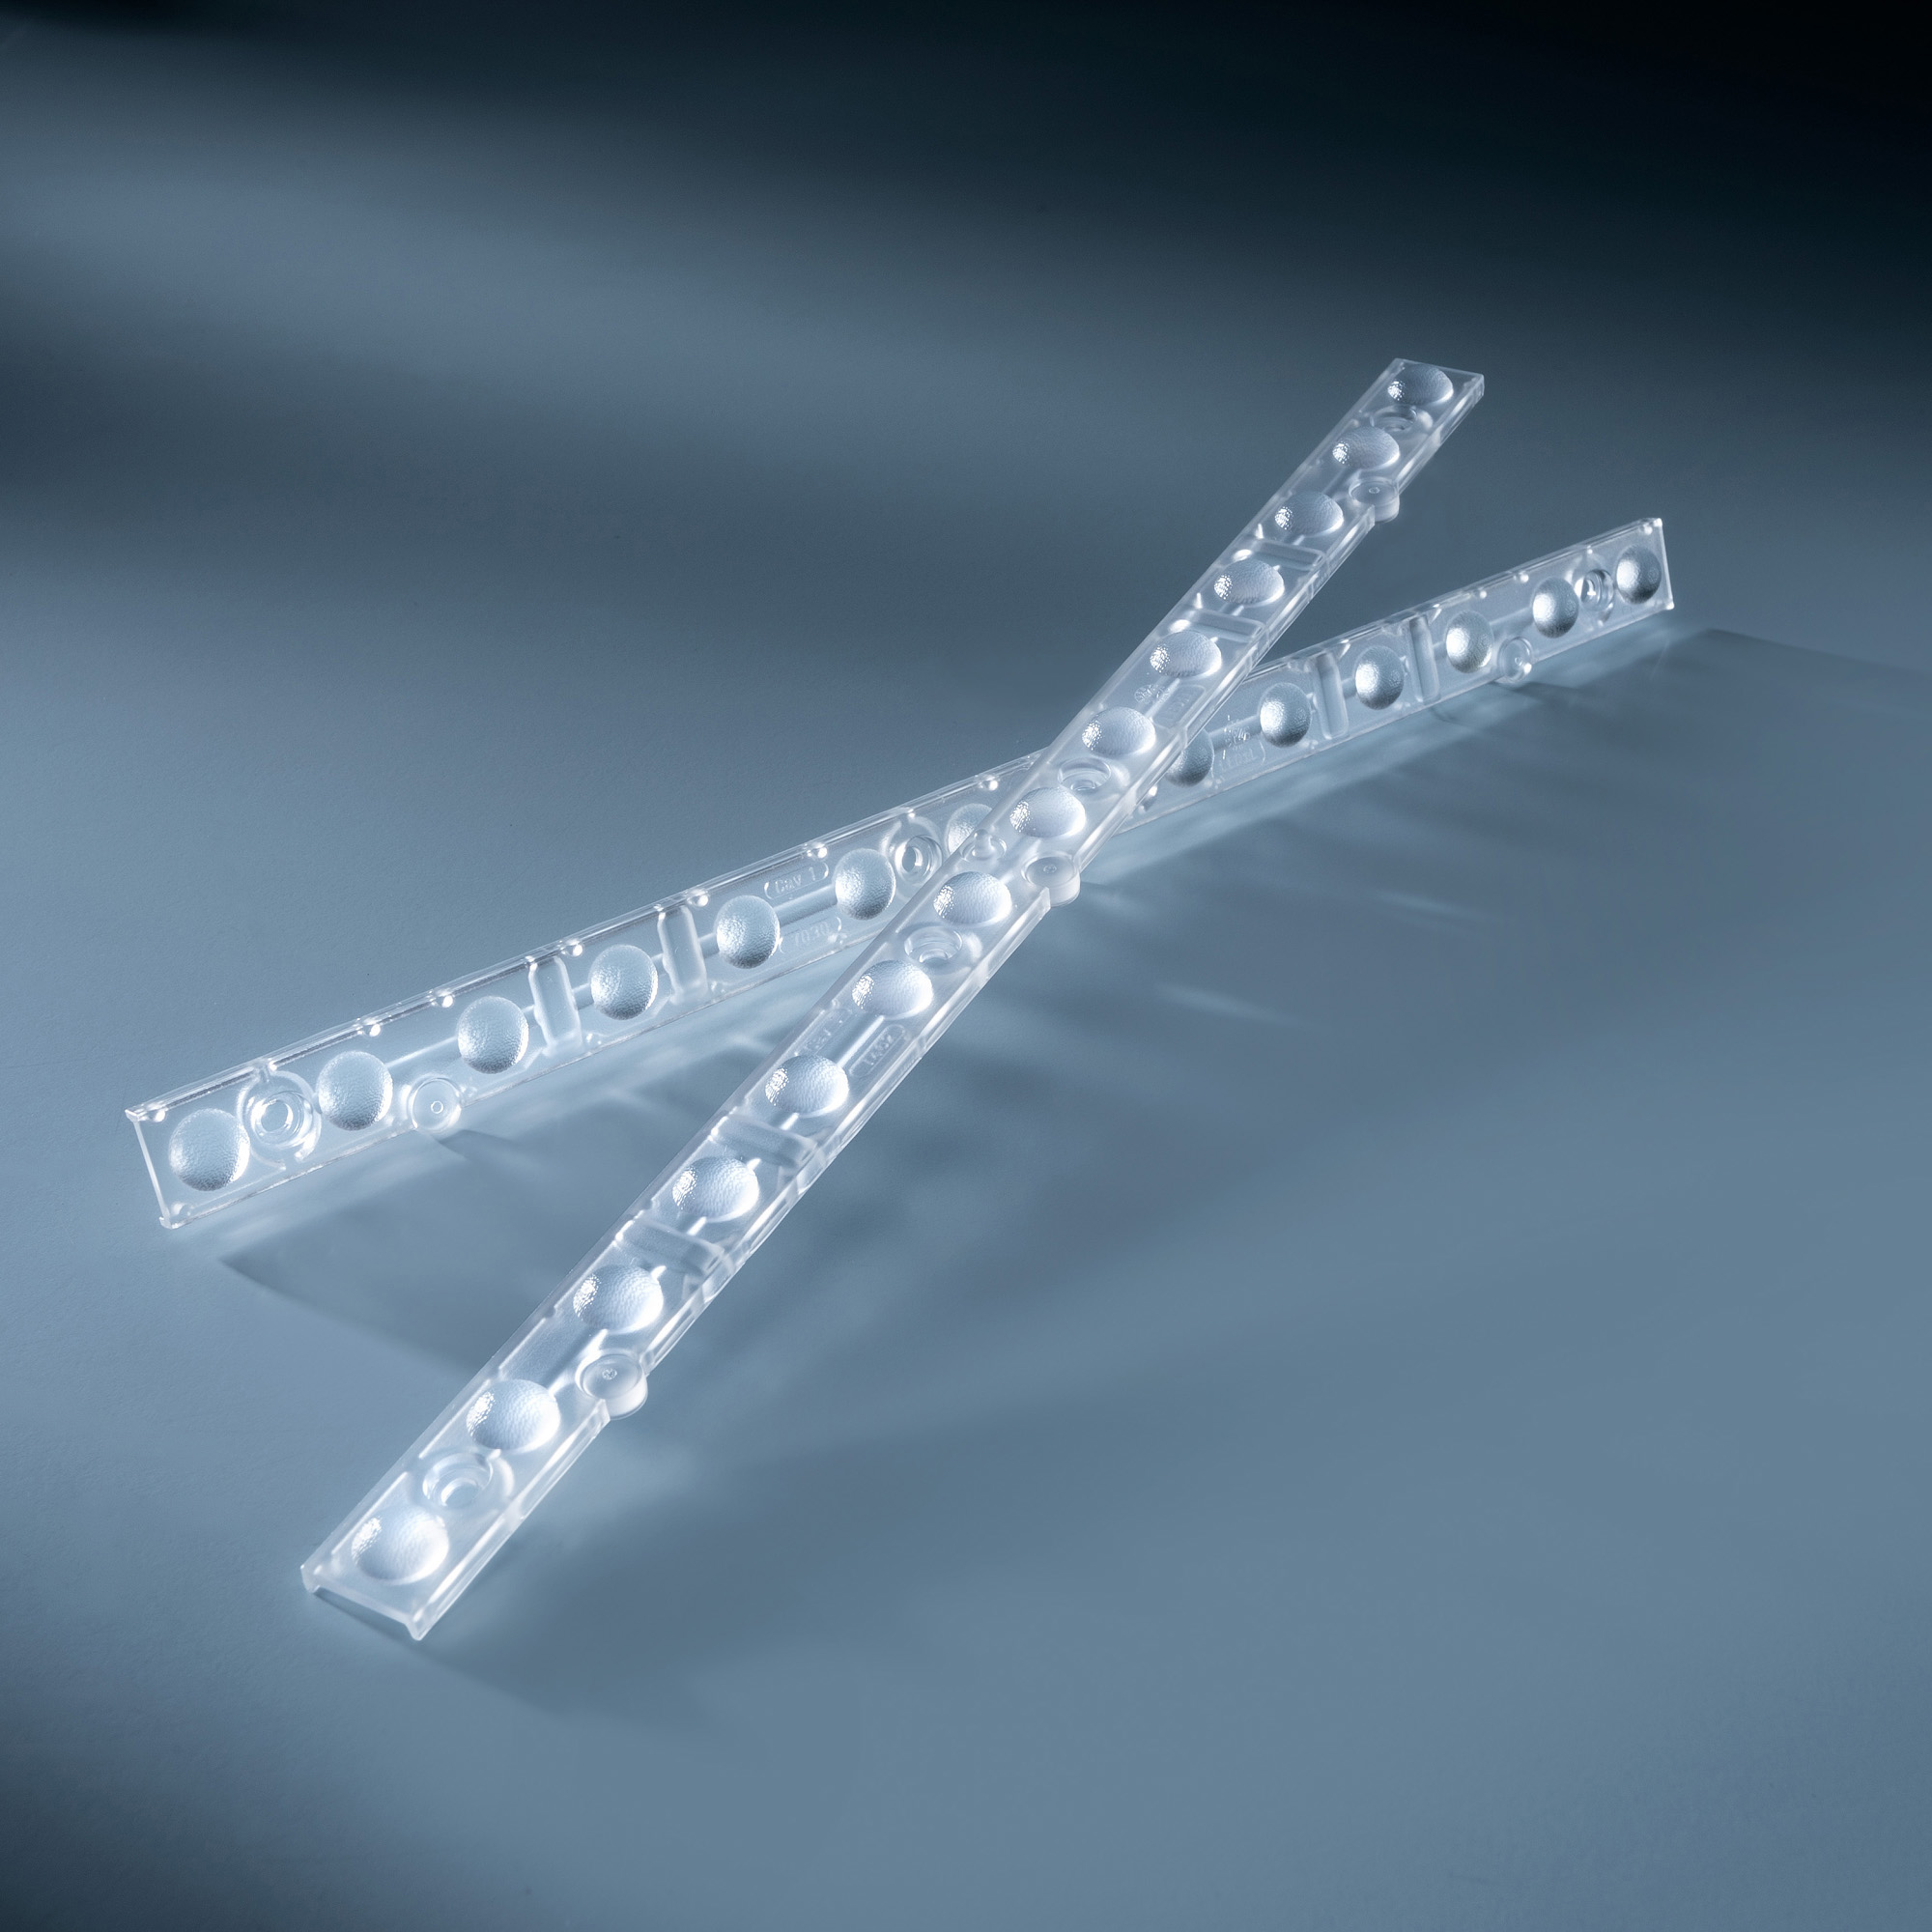 LEDiL Stablinse F17462_DAISY-MINI-M-W ~55° F17462_DAISY-MINI-W-D